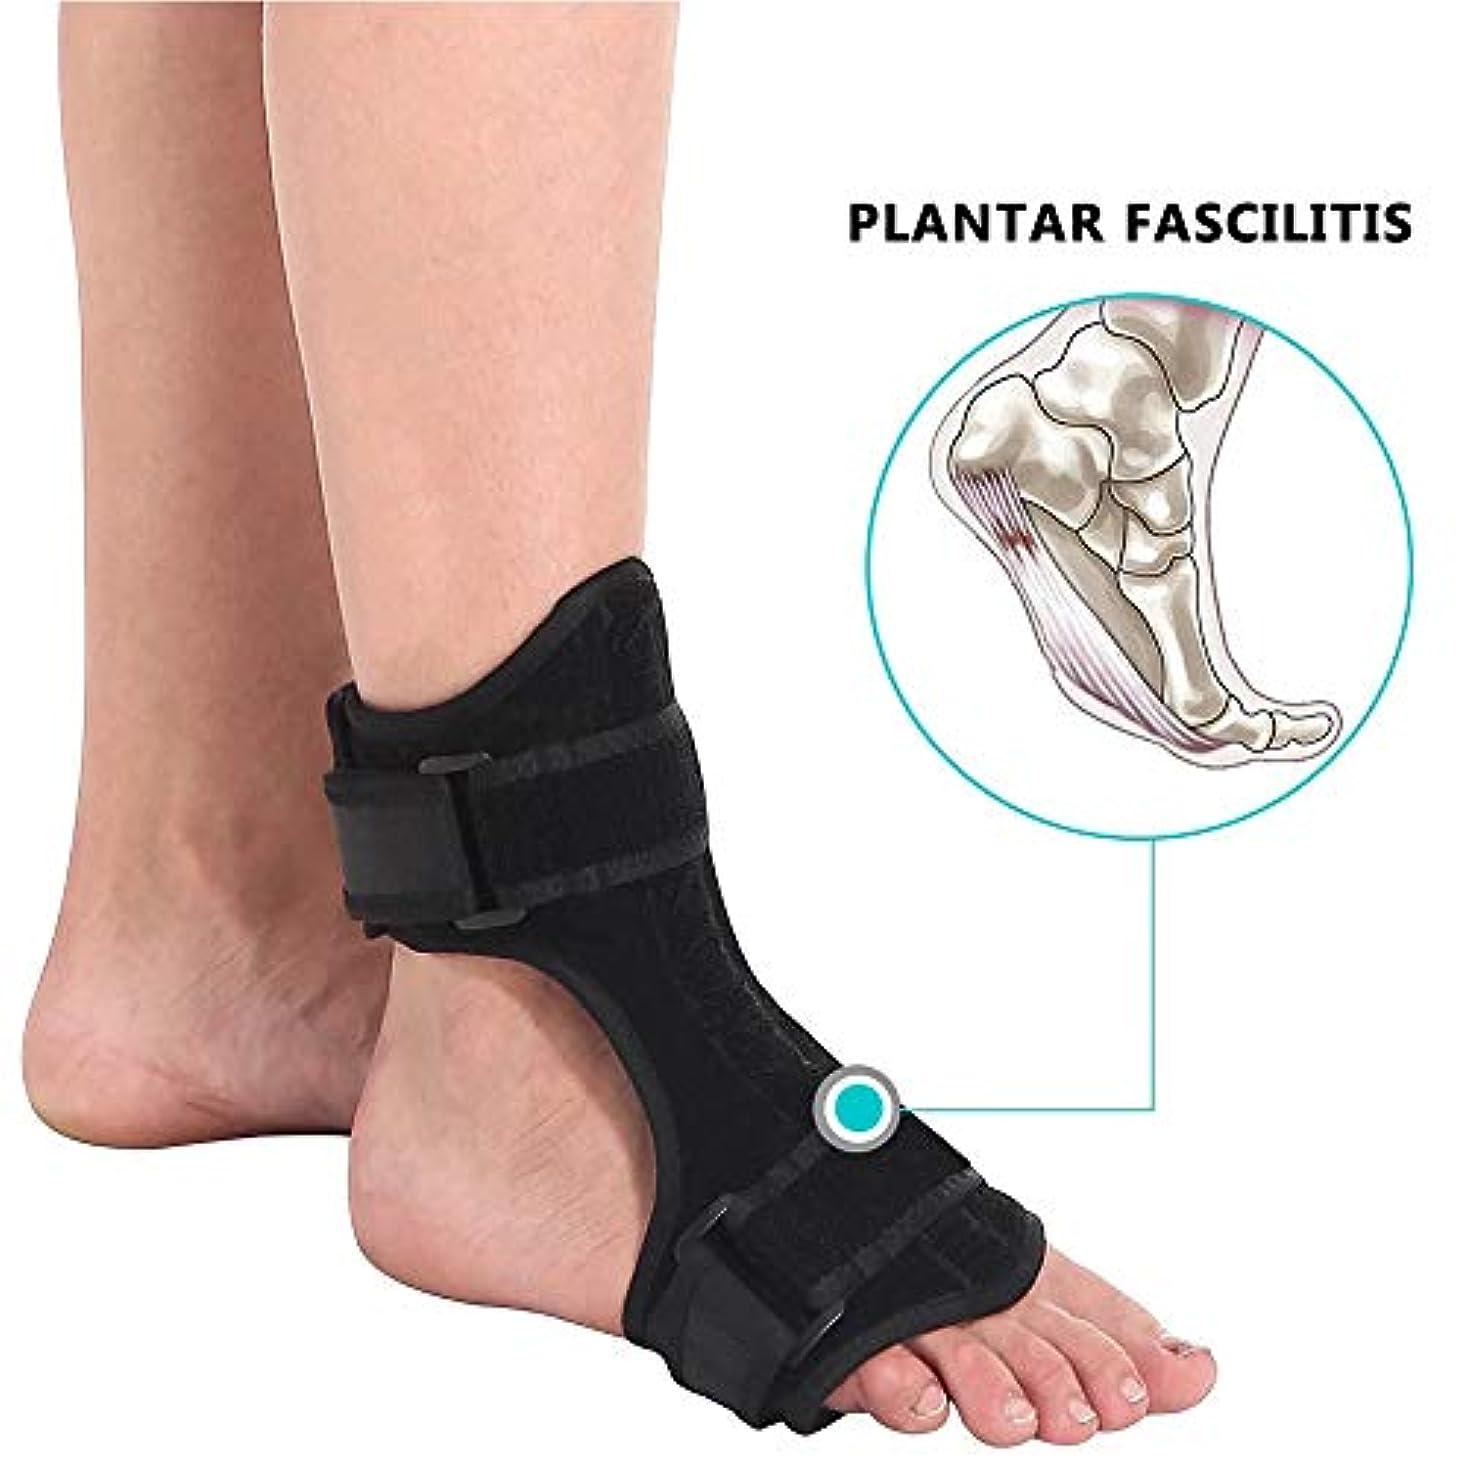 足底筋膜炎ナイトスプリントフットドロップブレース用ヒールペインリリーフアジャスタブルフットケアツール